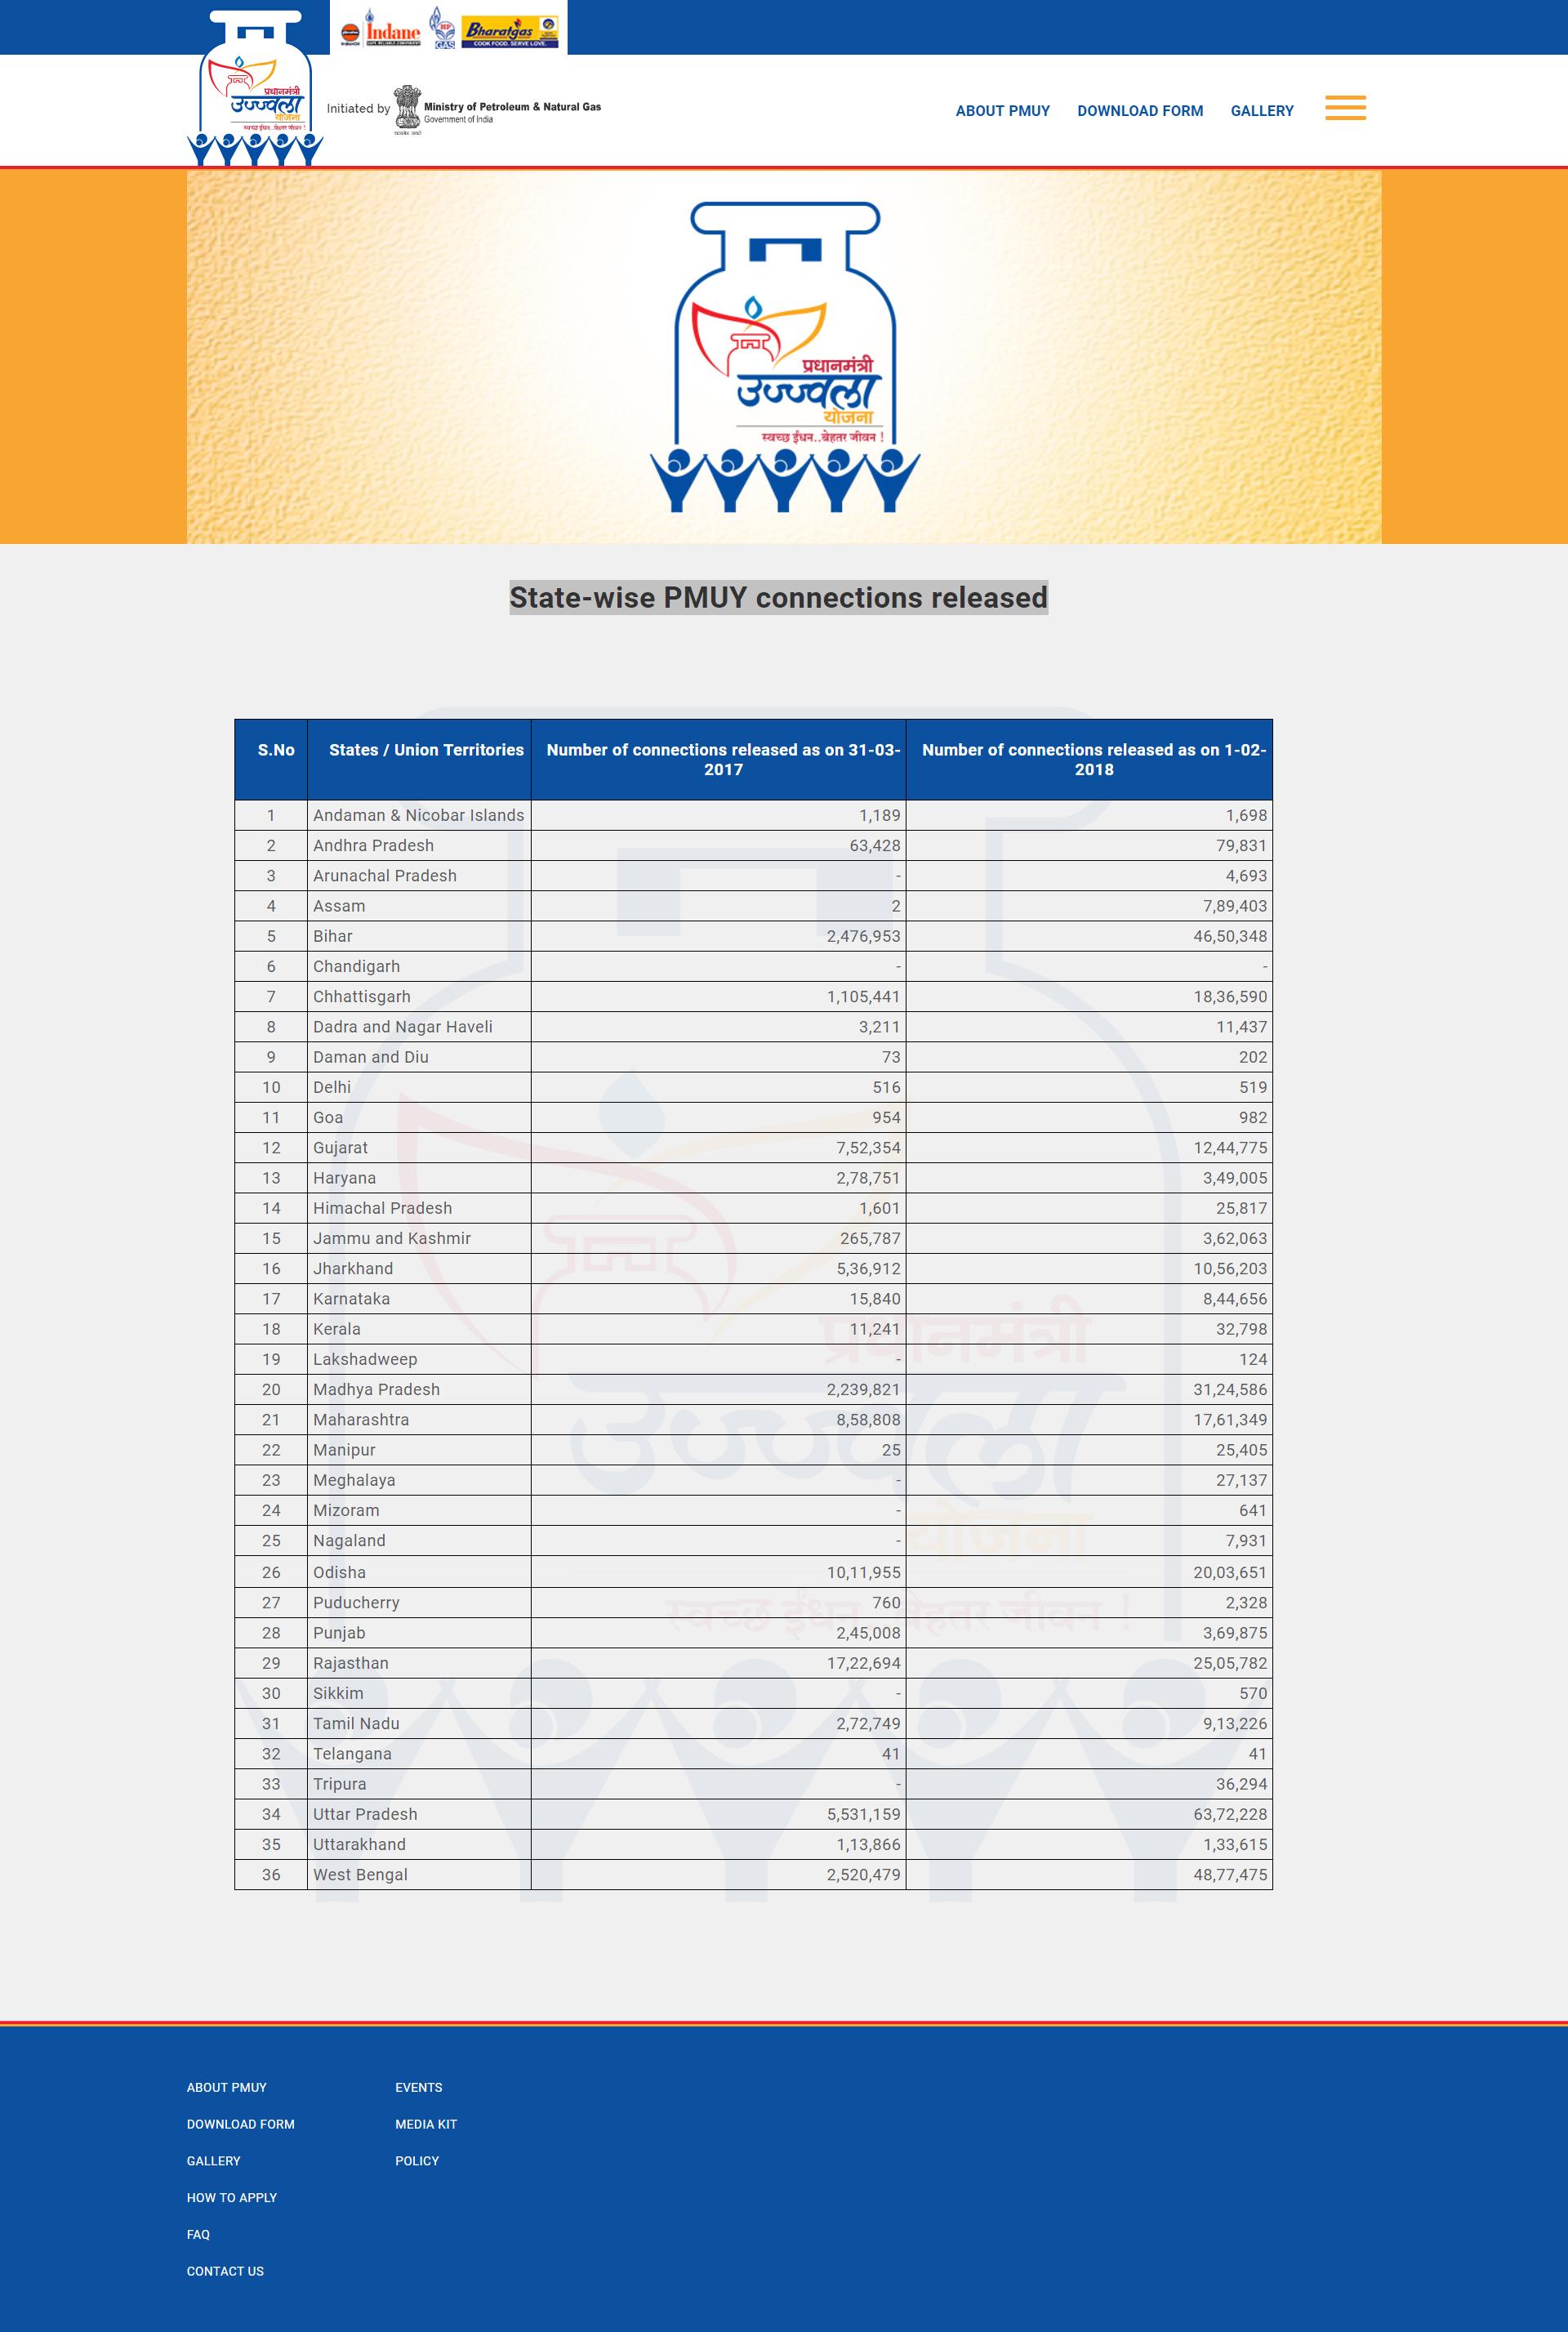 प्रधानमंत्री उज्ज्वला योजना मुफ्त गैस कनेक्शन ऑनलाइन आवेदन  एप्लीकेशन फॉर्म